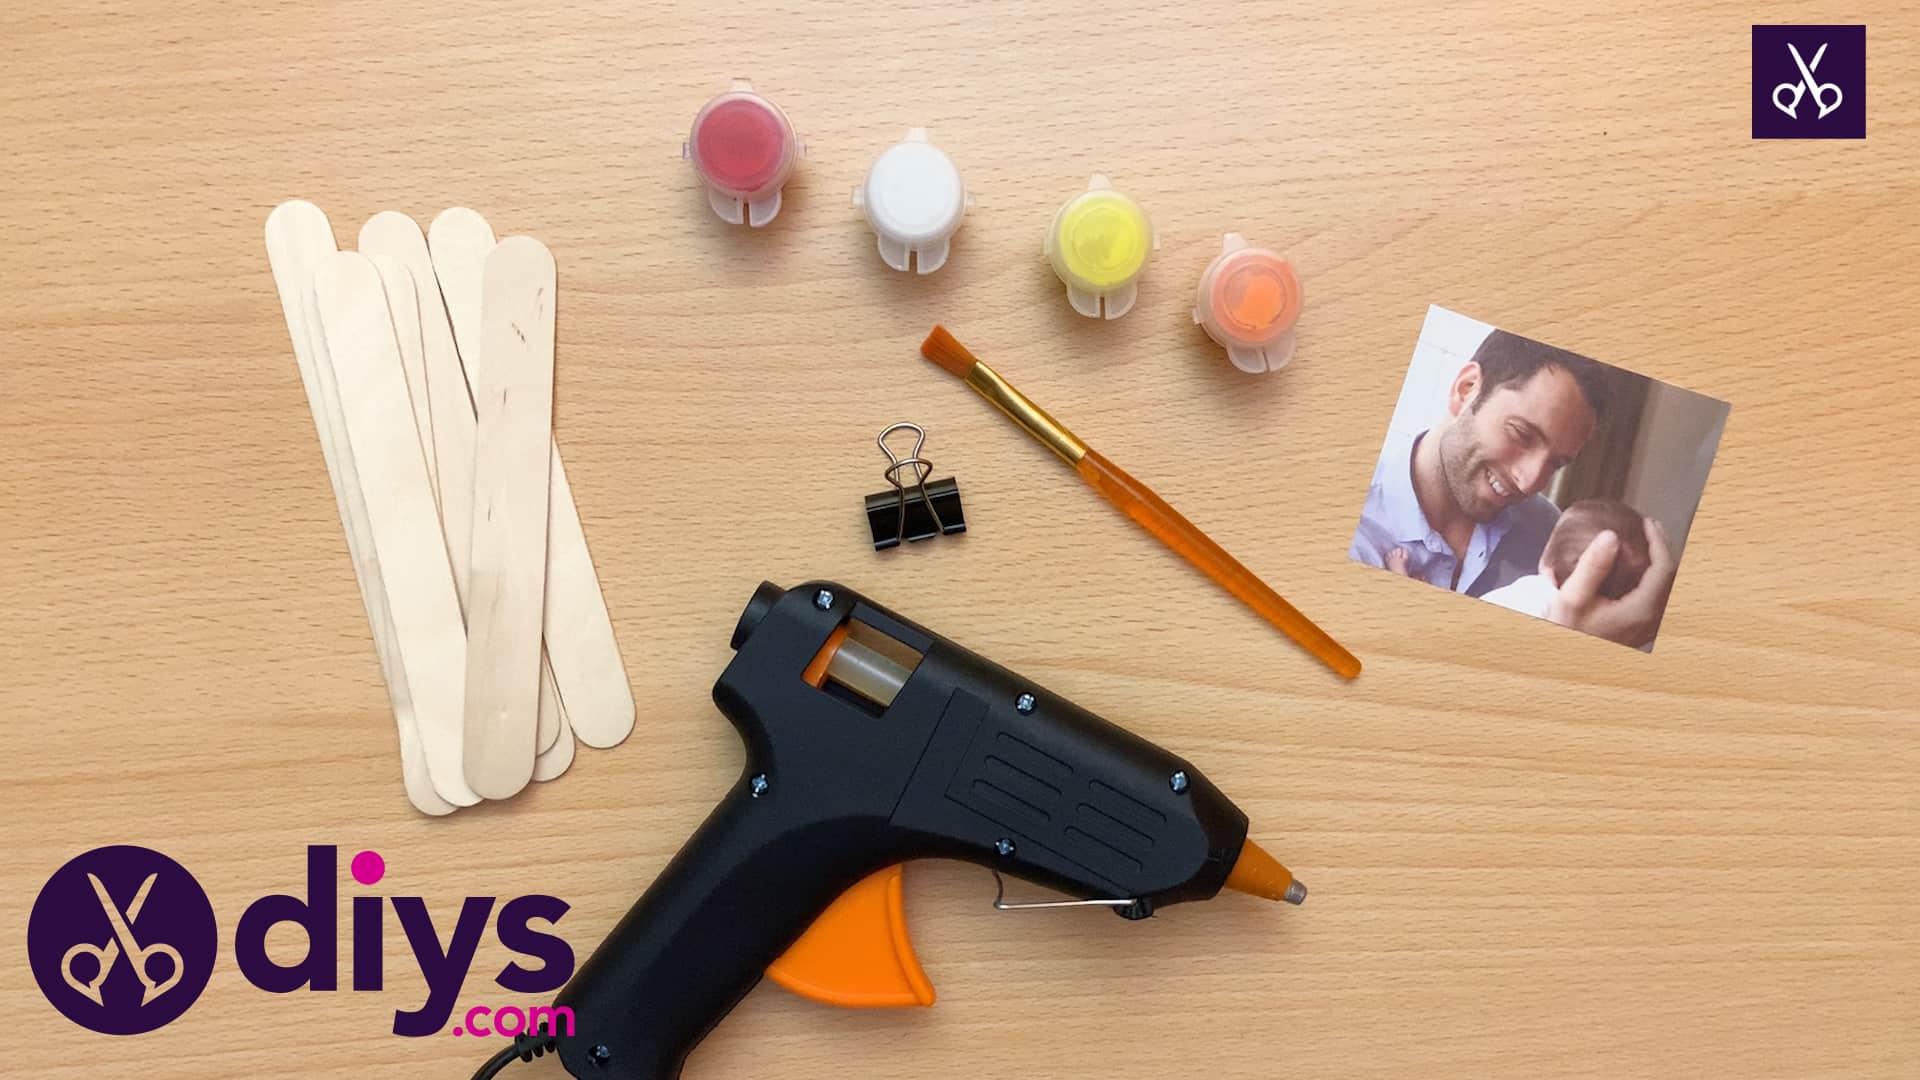 Popsicle stick picture frame glue gun crafts (2)